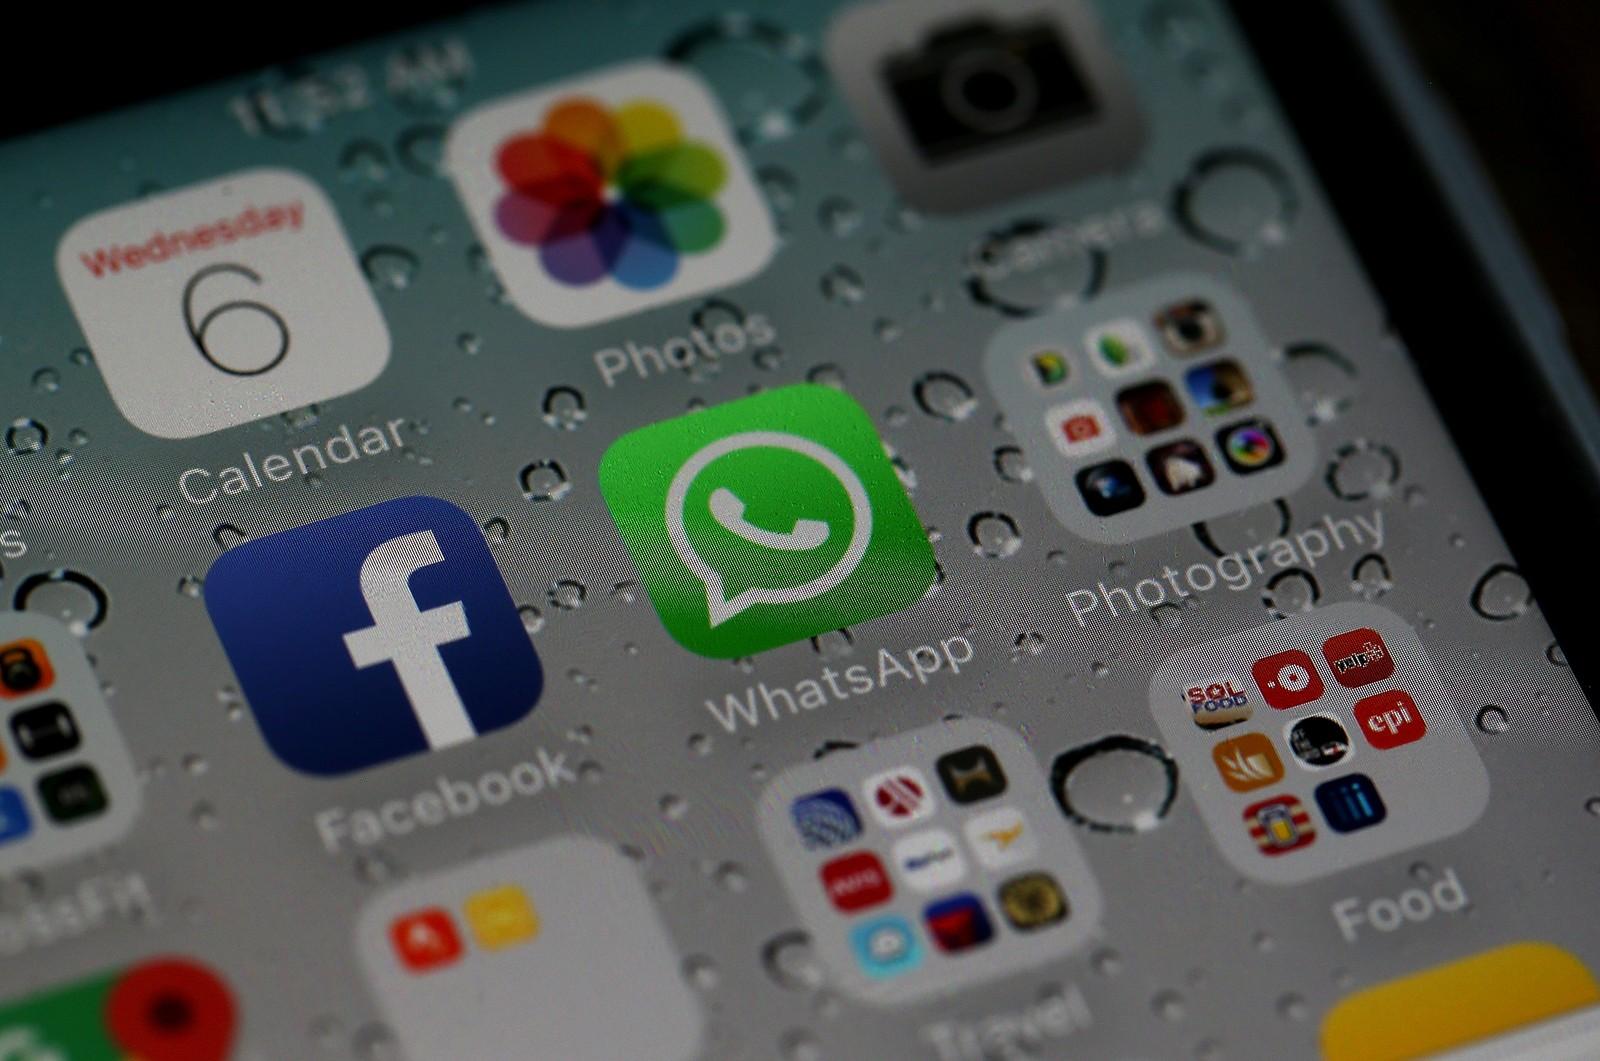 Como o iPhone mudou a internet, nosso comportamento e a cultura pop?